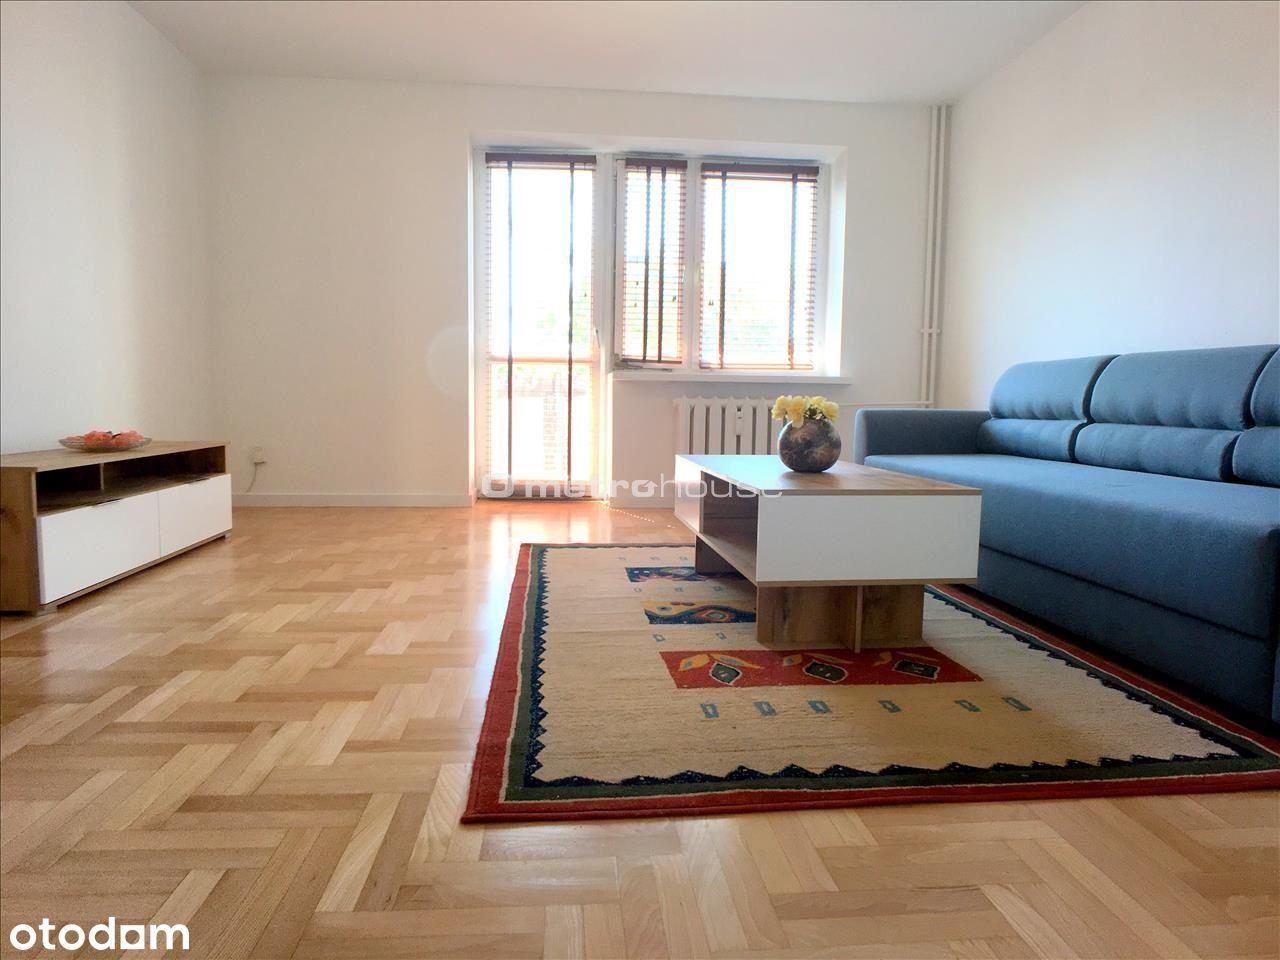 Mieszkanie 2 pokoje 50 m2, Pruszków!